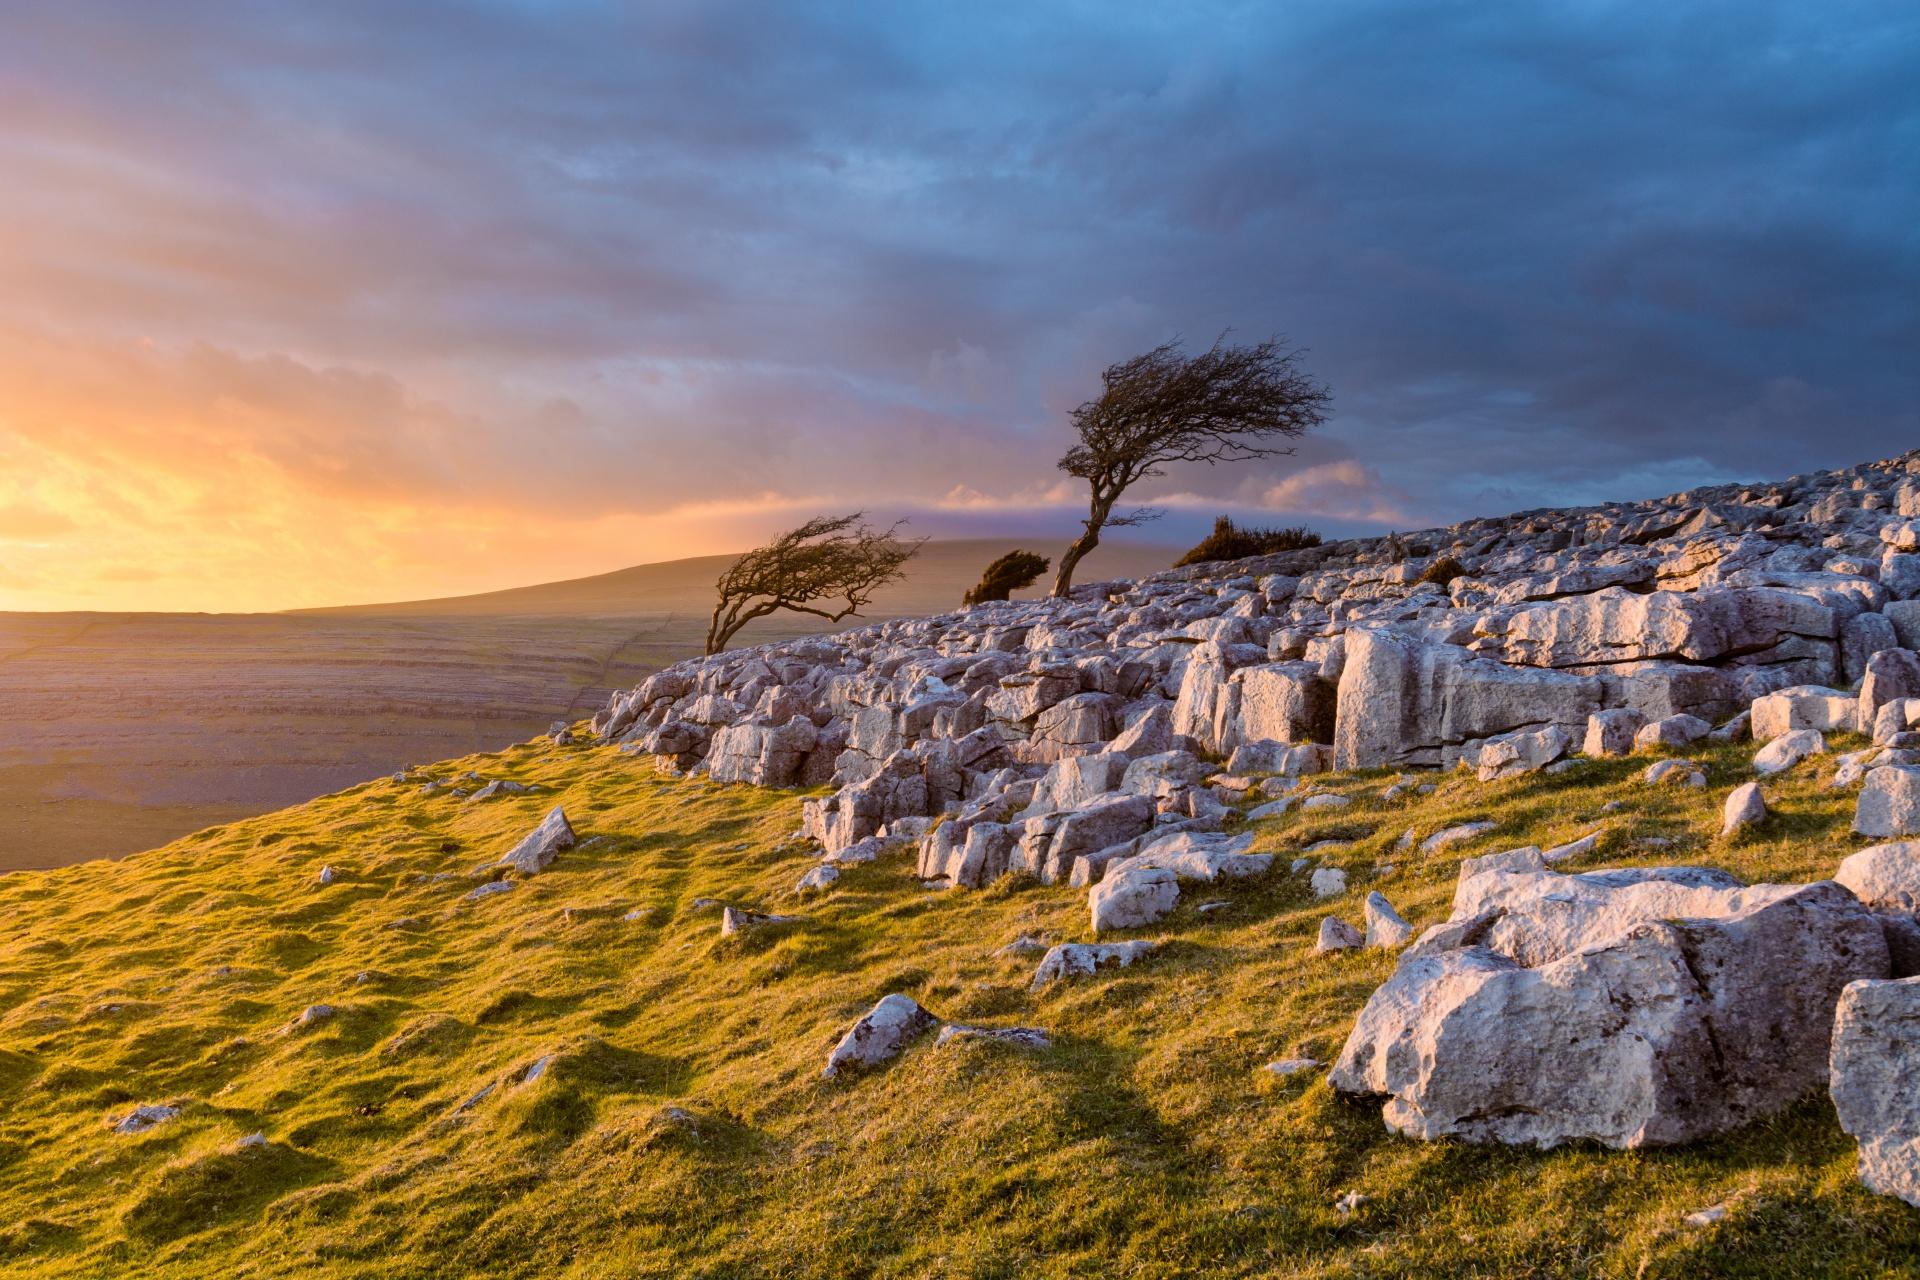 夕暮れのヨークシャー・デイルズの風景 イギリスの風景